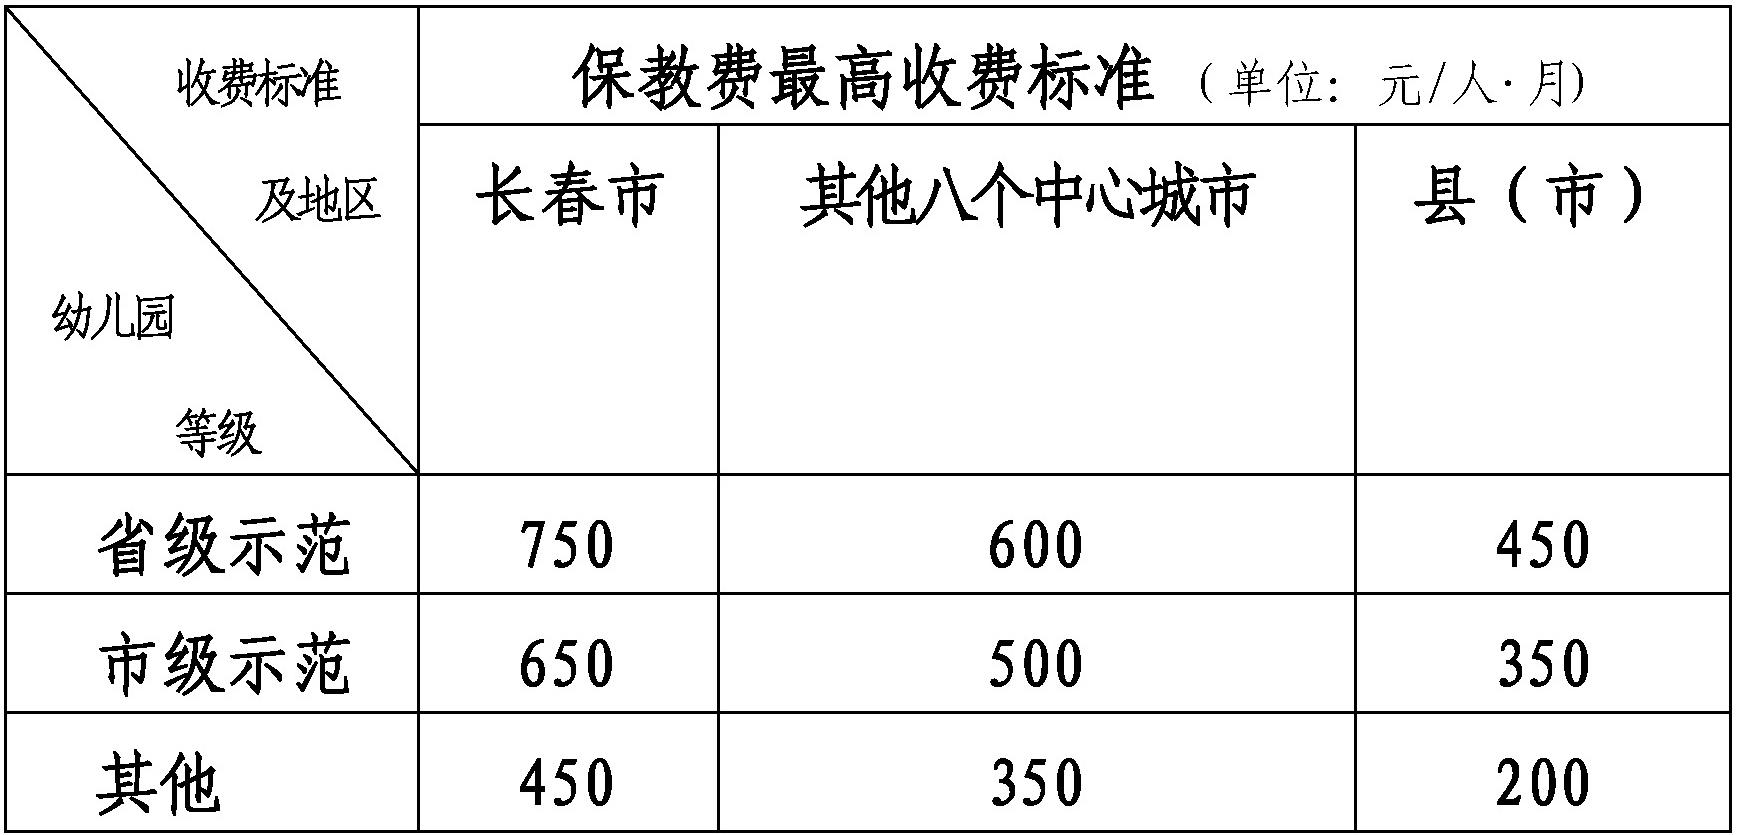 吉林省幼儿园收费管理暂行办法.jpg